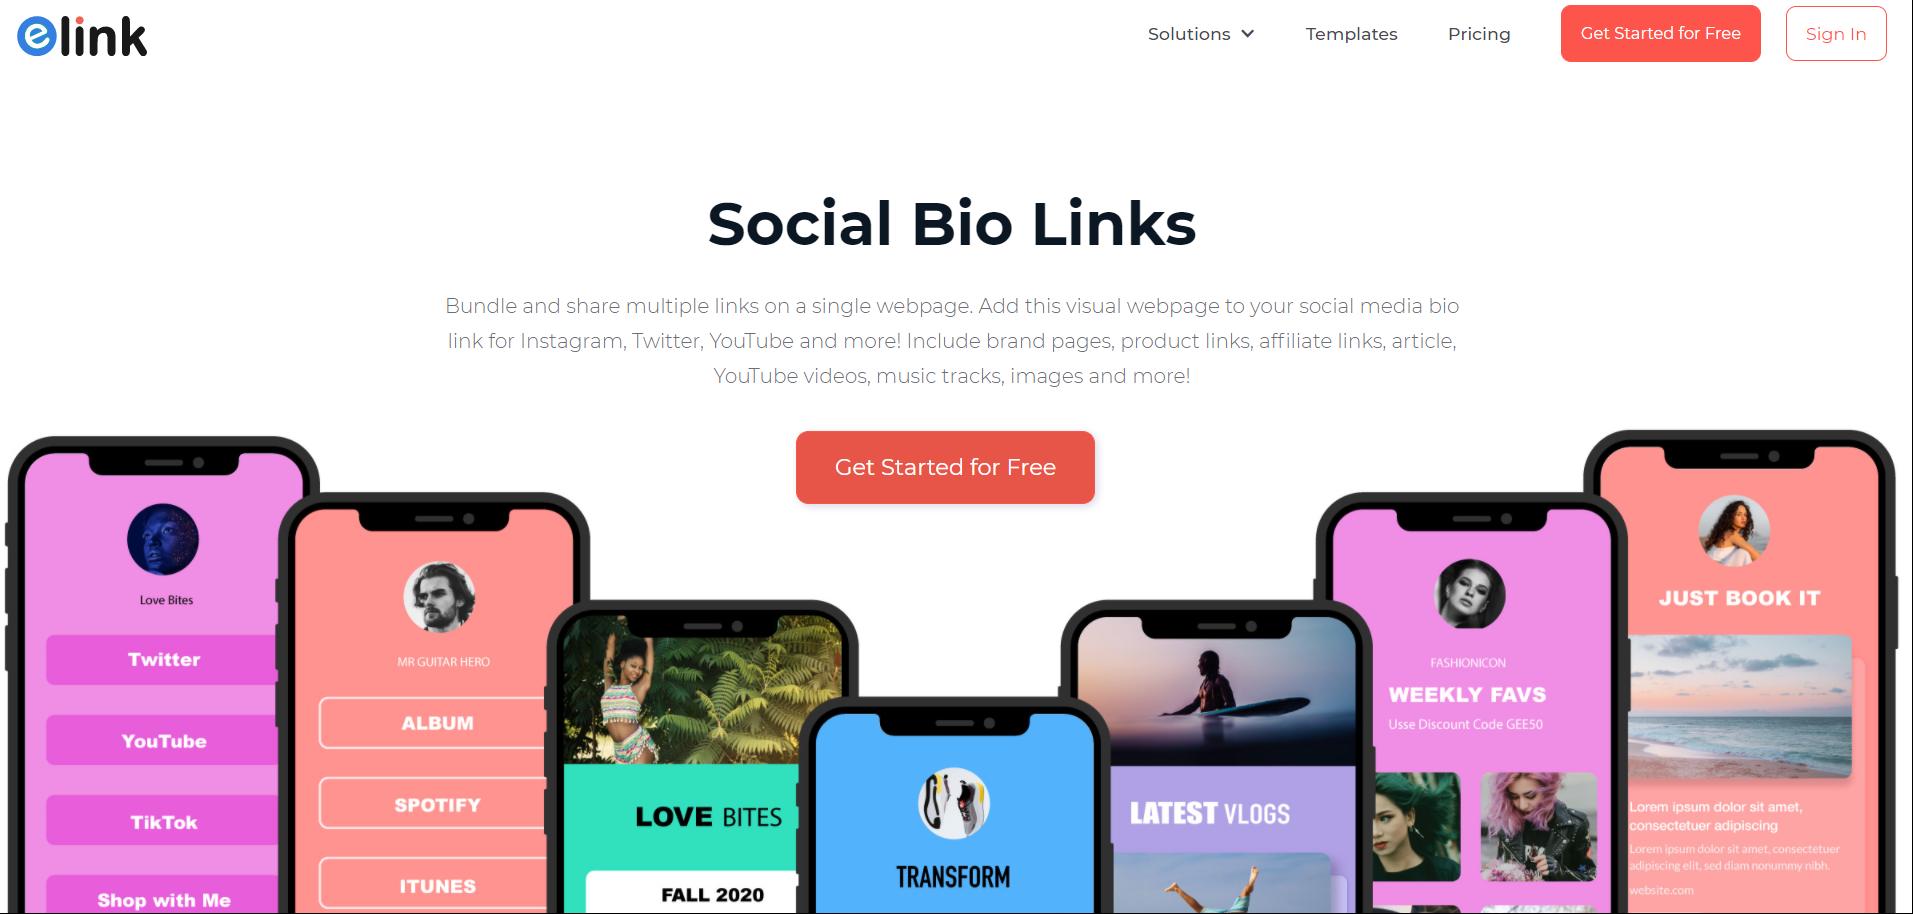 elink.io: Social bio link tool